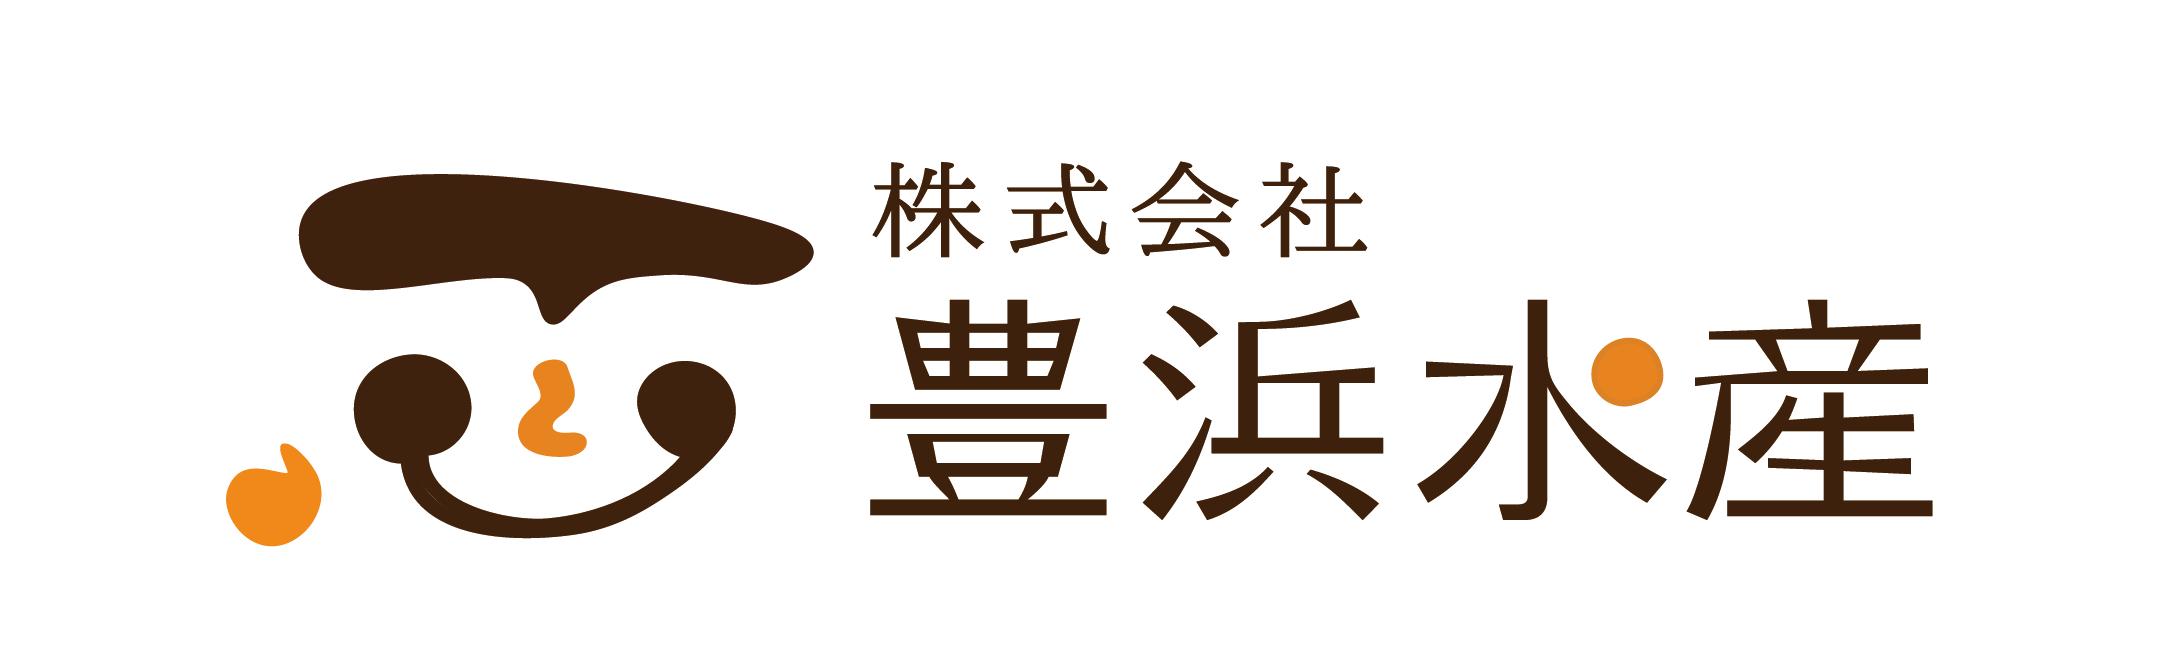 豊浜水産のロゴ1